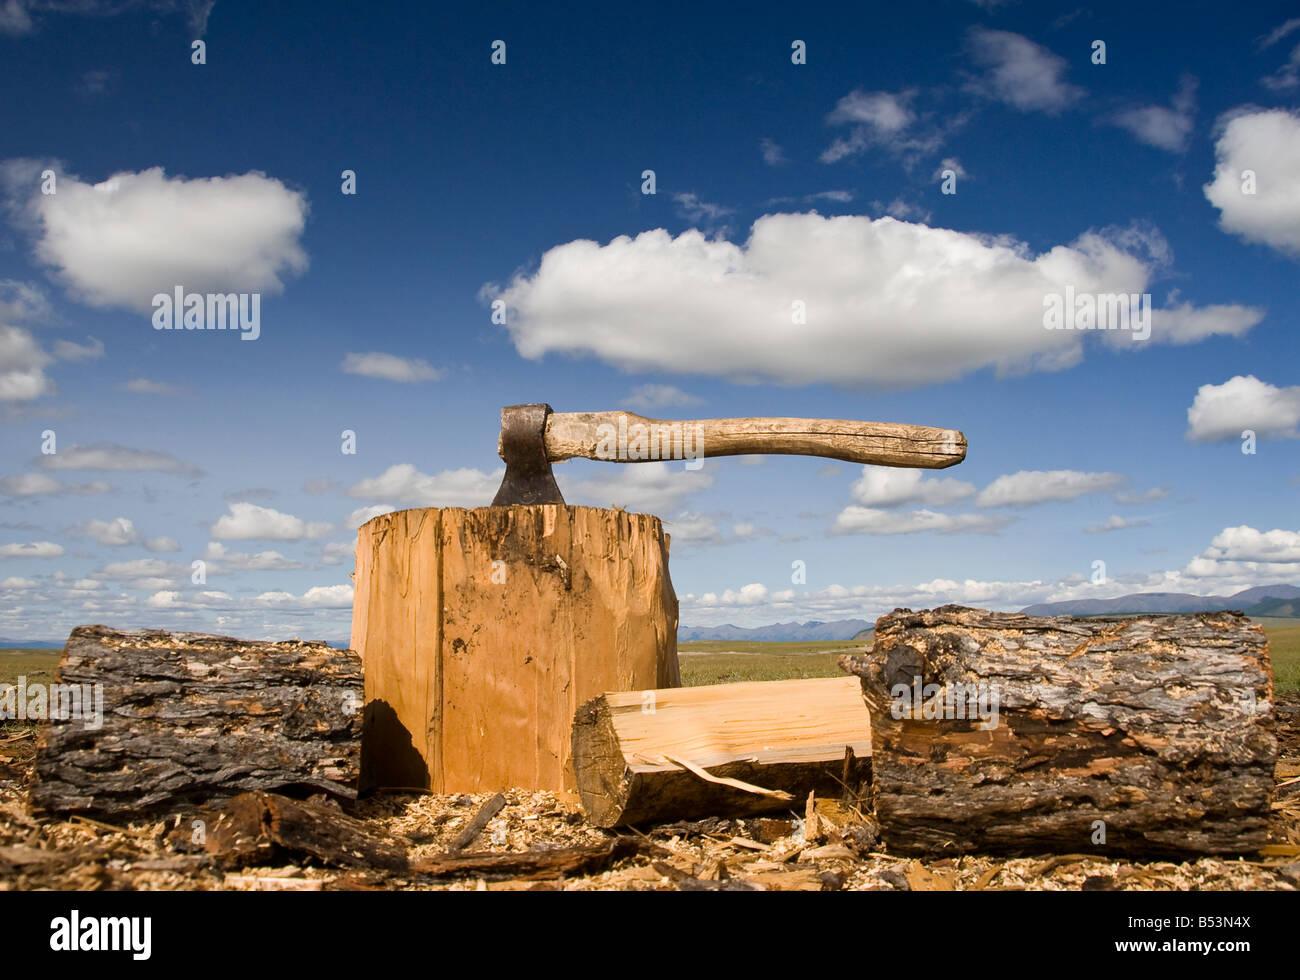 Ax norte de Mongolia Imagen De Stock